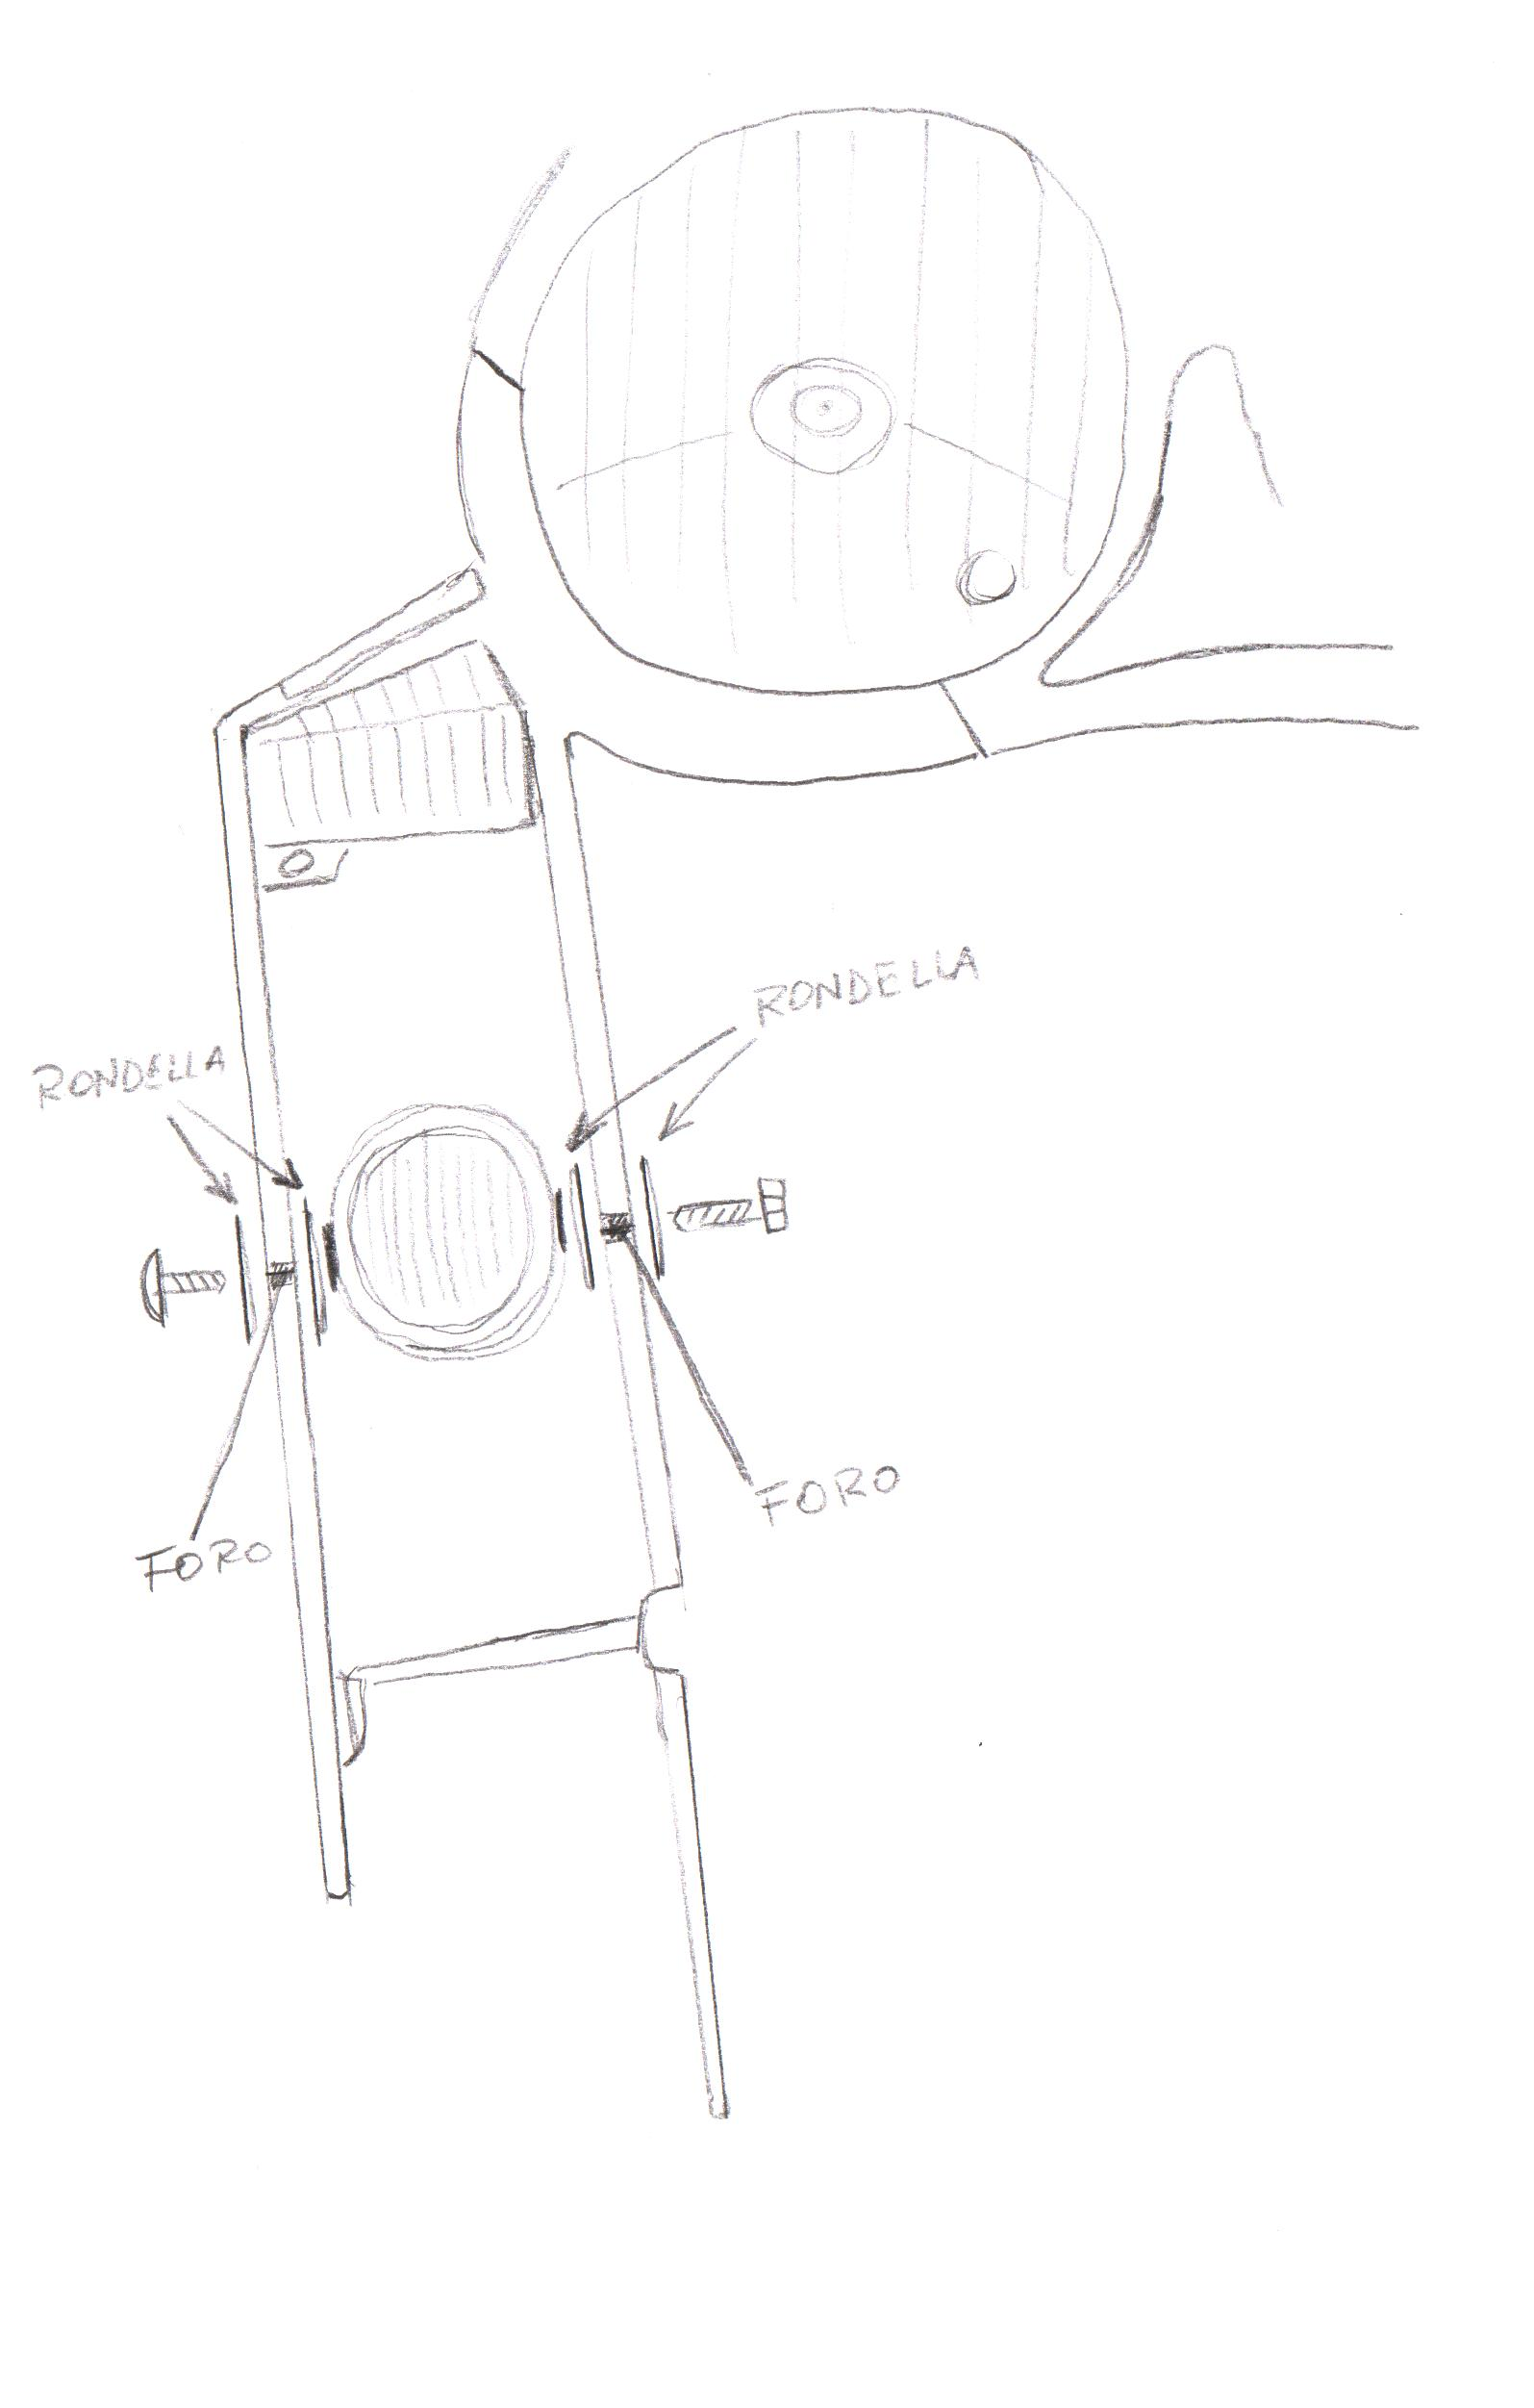 Schema Elettrico Per Faretti Moto : Montaggio faretti supplementari quot soluzione guzzometro